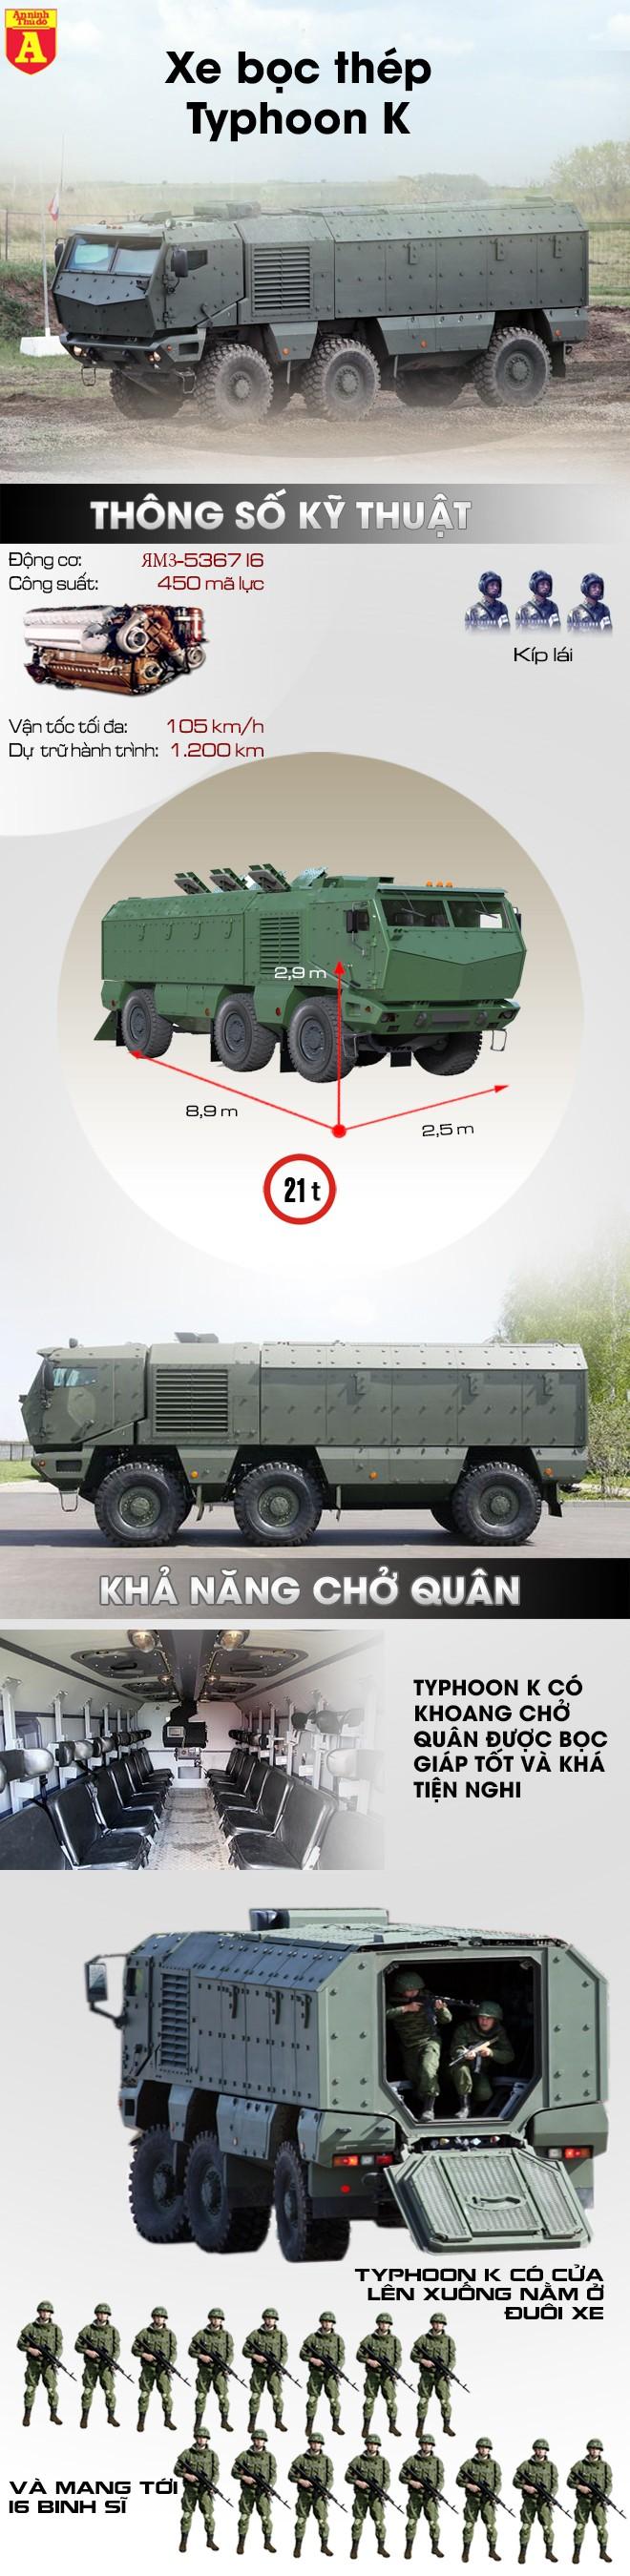 """[Infographic] Nga bí mật mang """"quái thú bọc thép"""" Typhoon K sang Syria ảnh 2"""